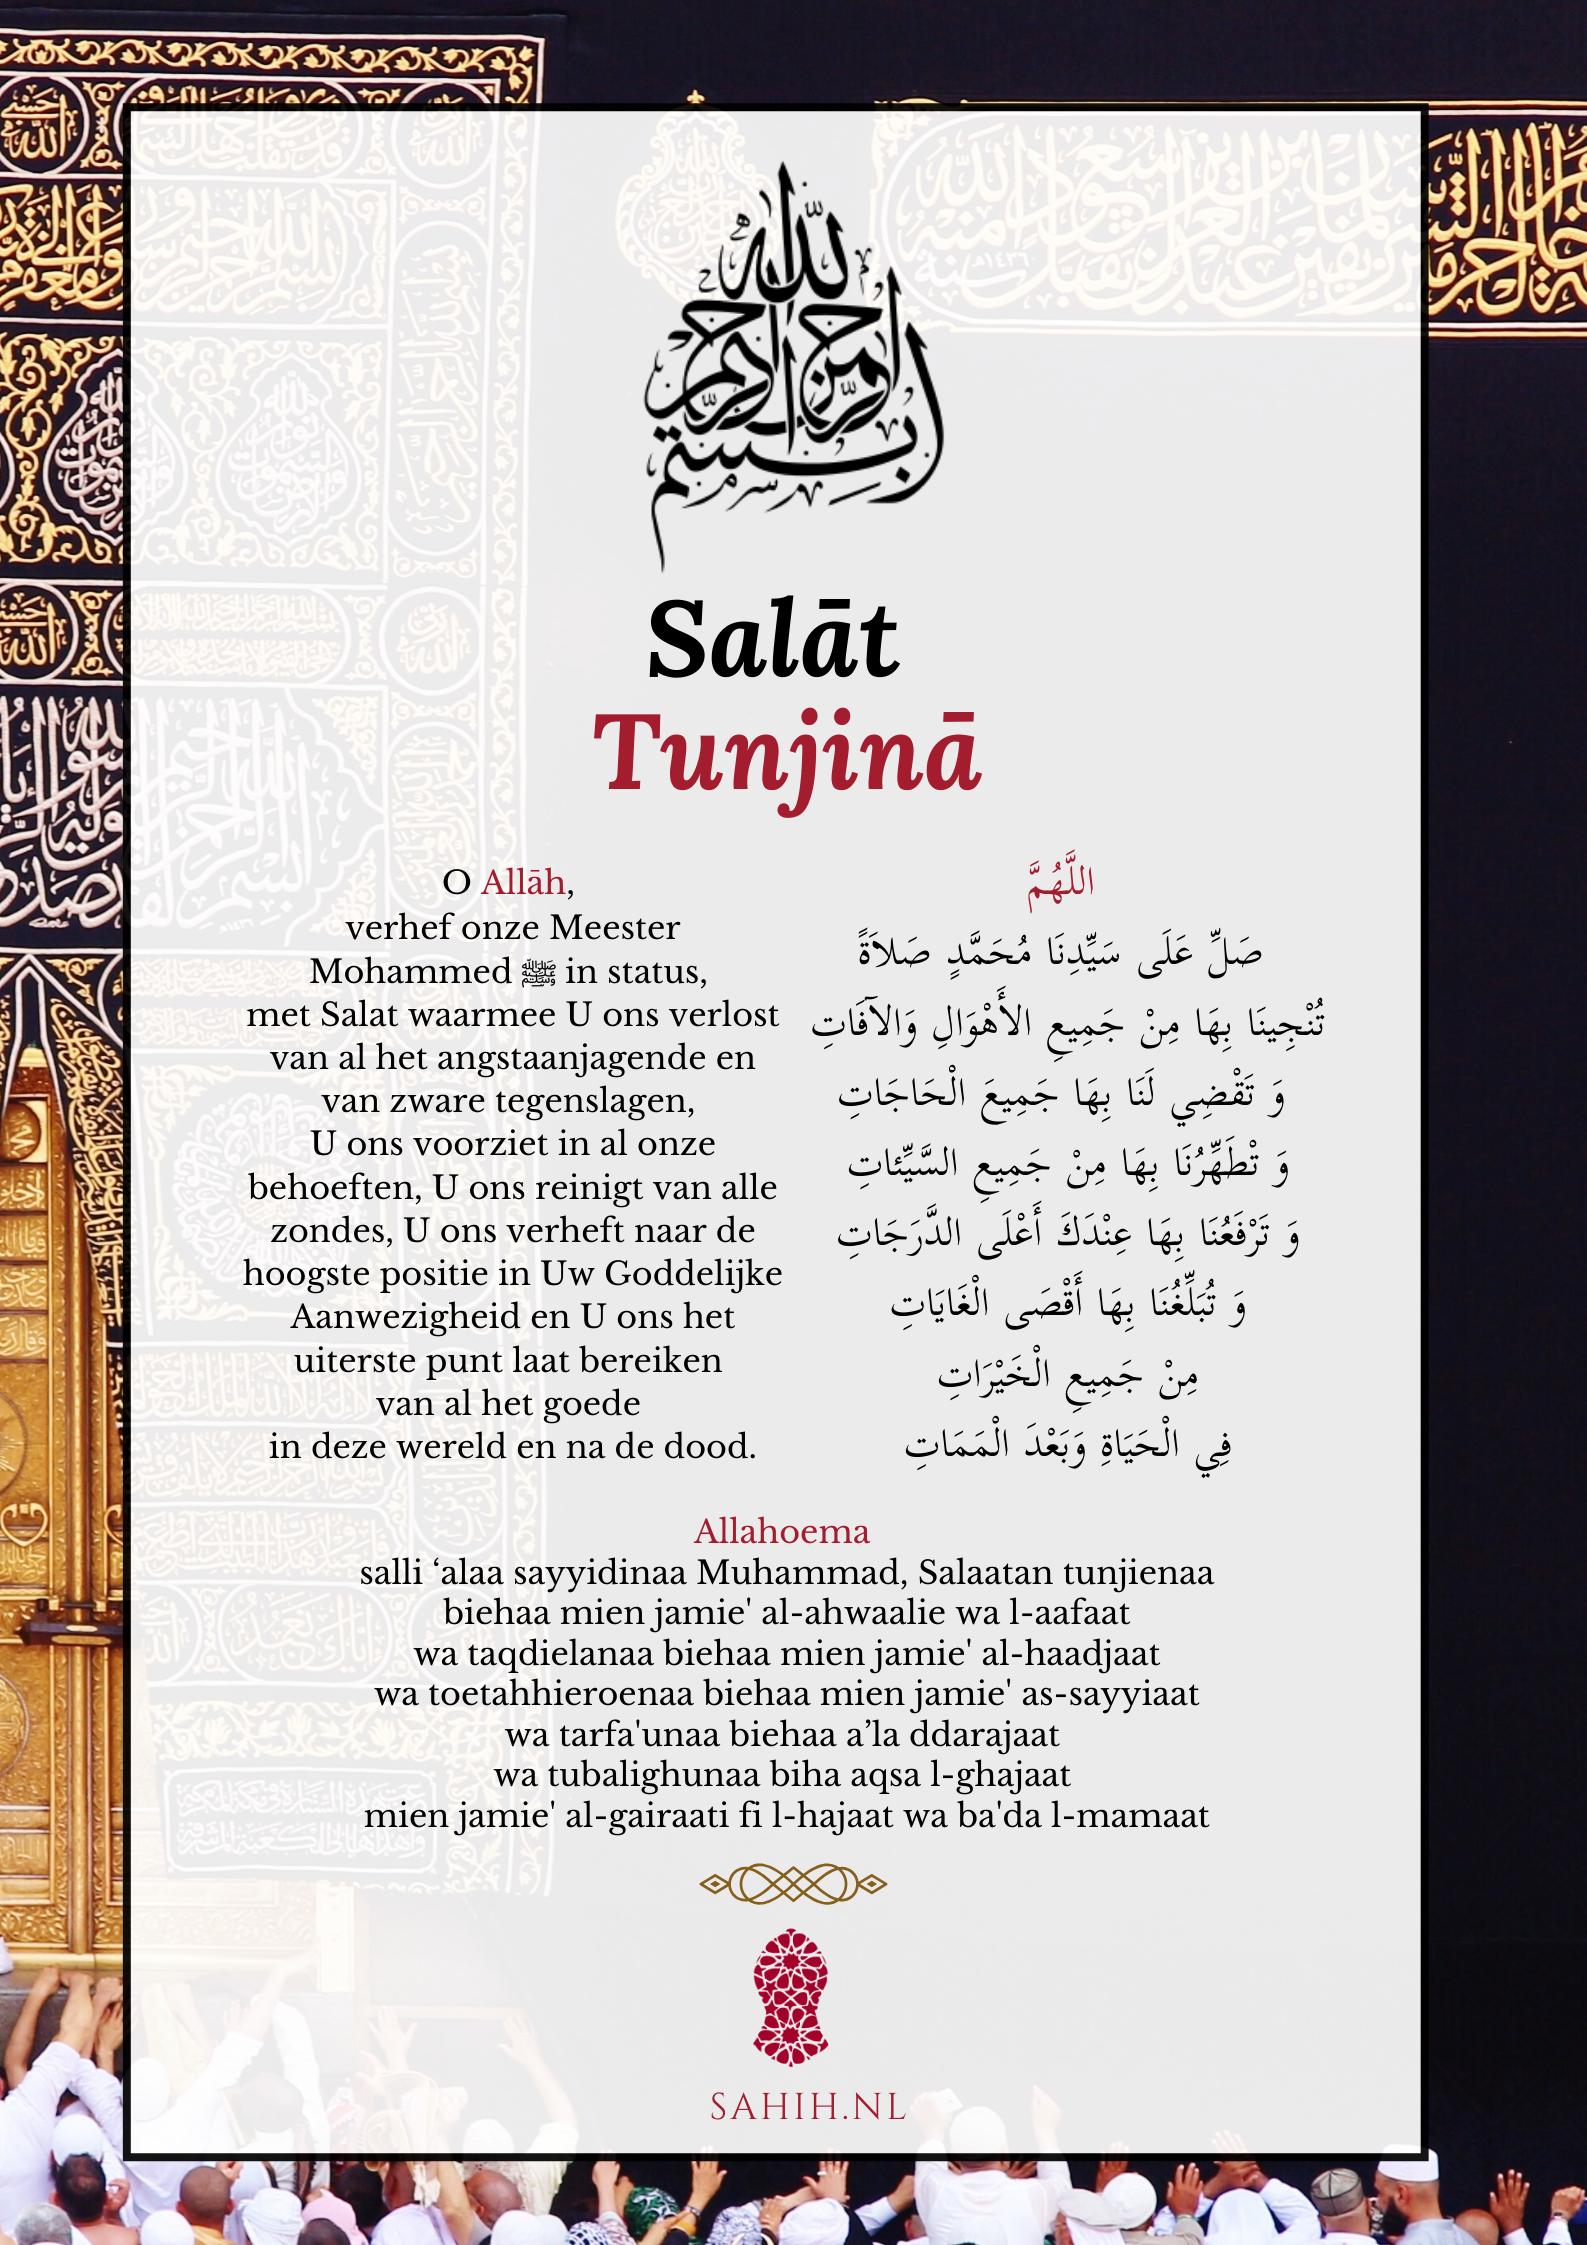 Salat Tunjina – Een geschenk van ṣalāt op de Profeet Mohammed ﷺ